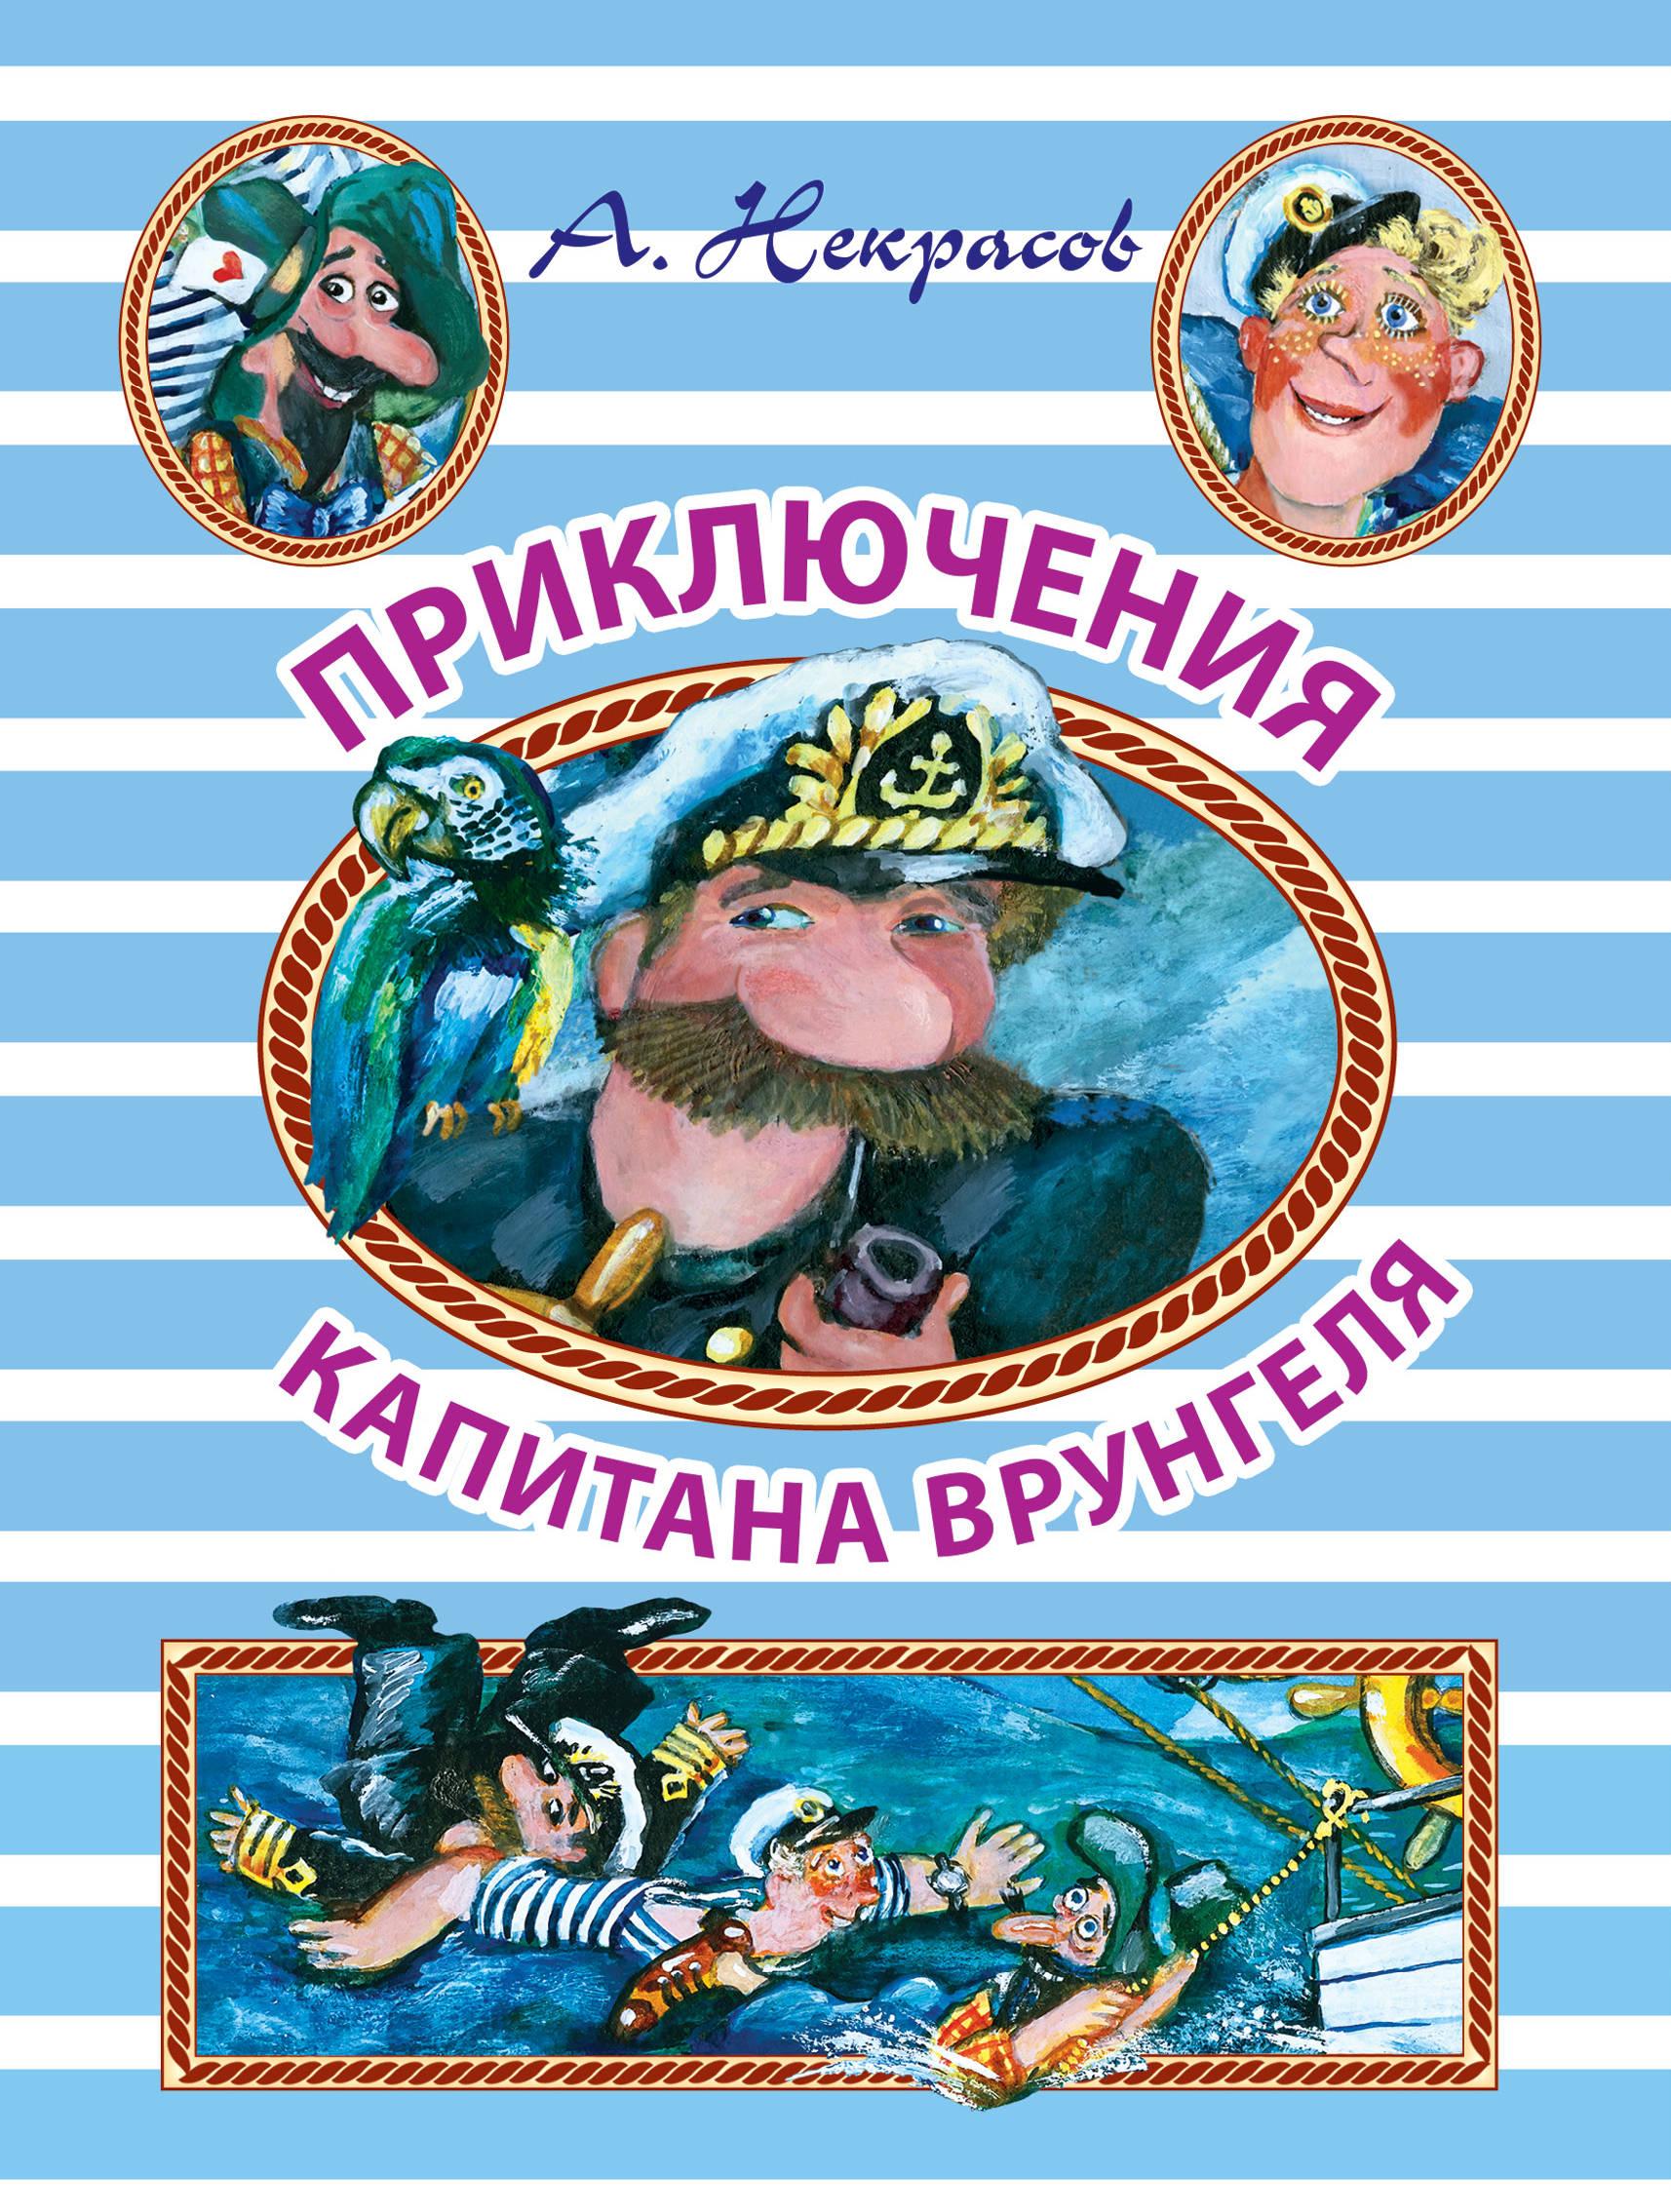 Некрасов А.С. Приключения капитана Врунгеля путешествие и приключения капитана гаттераса